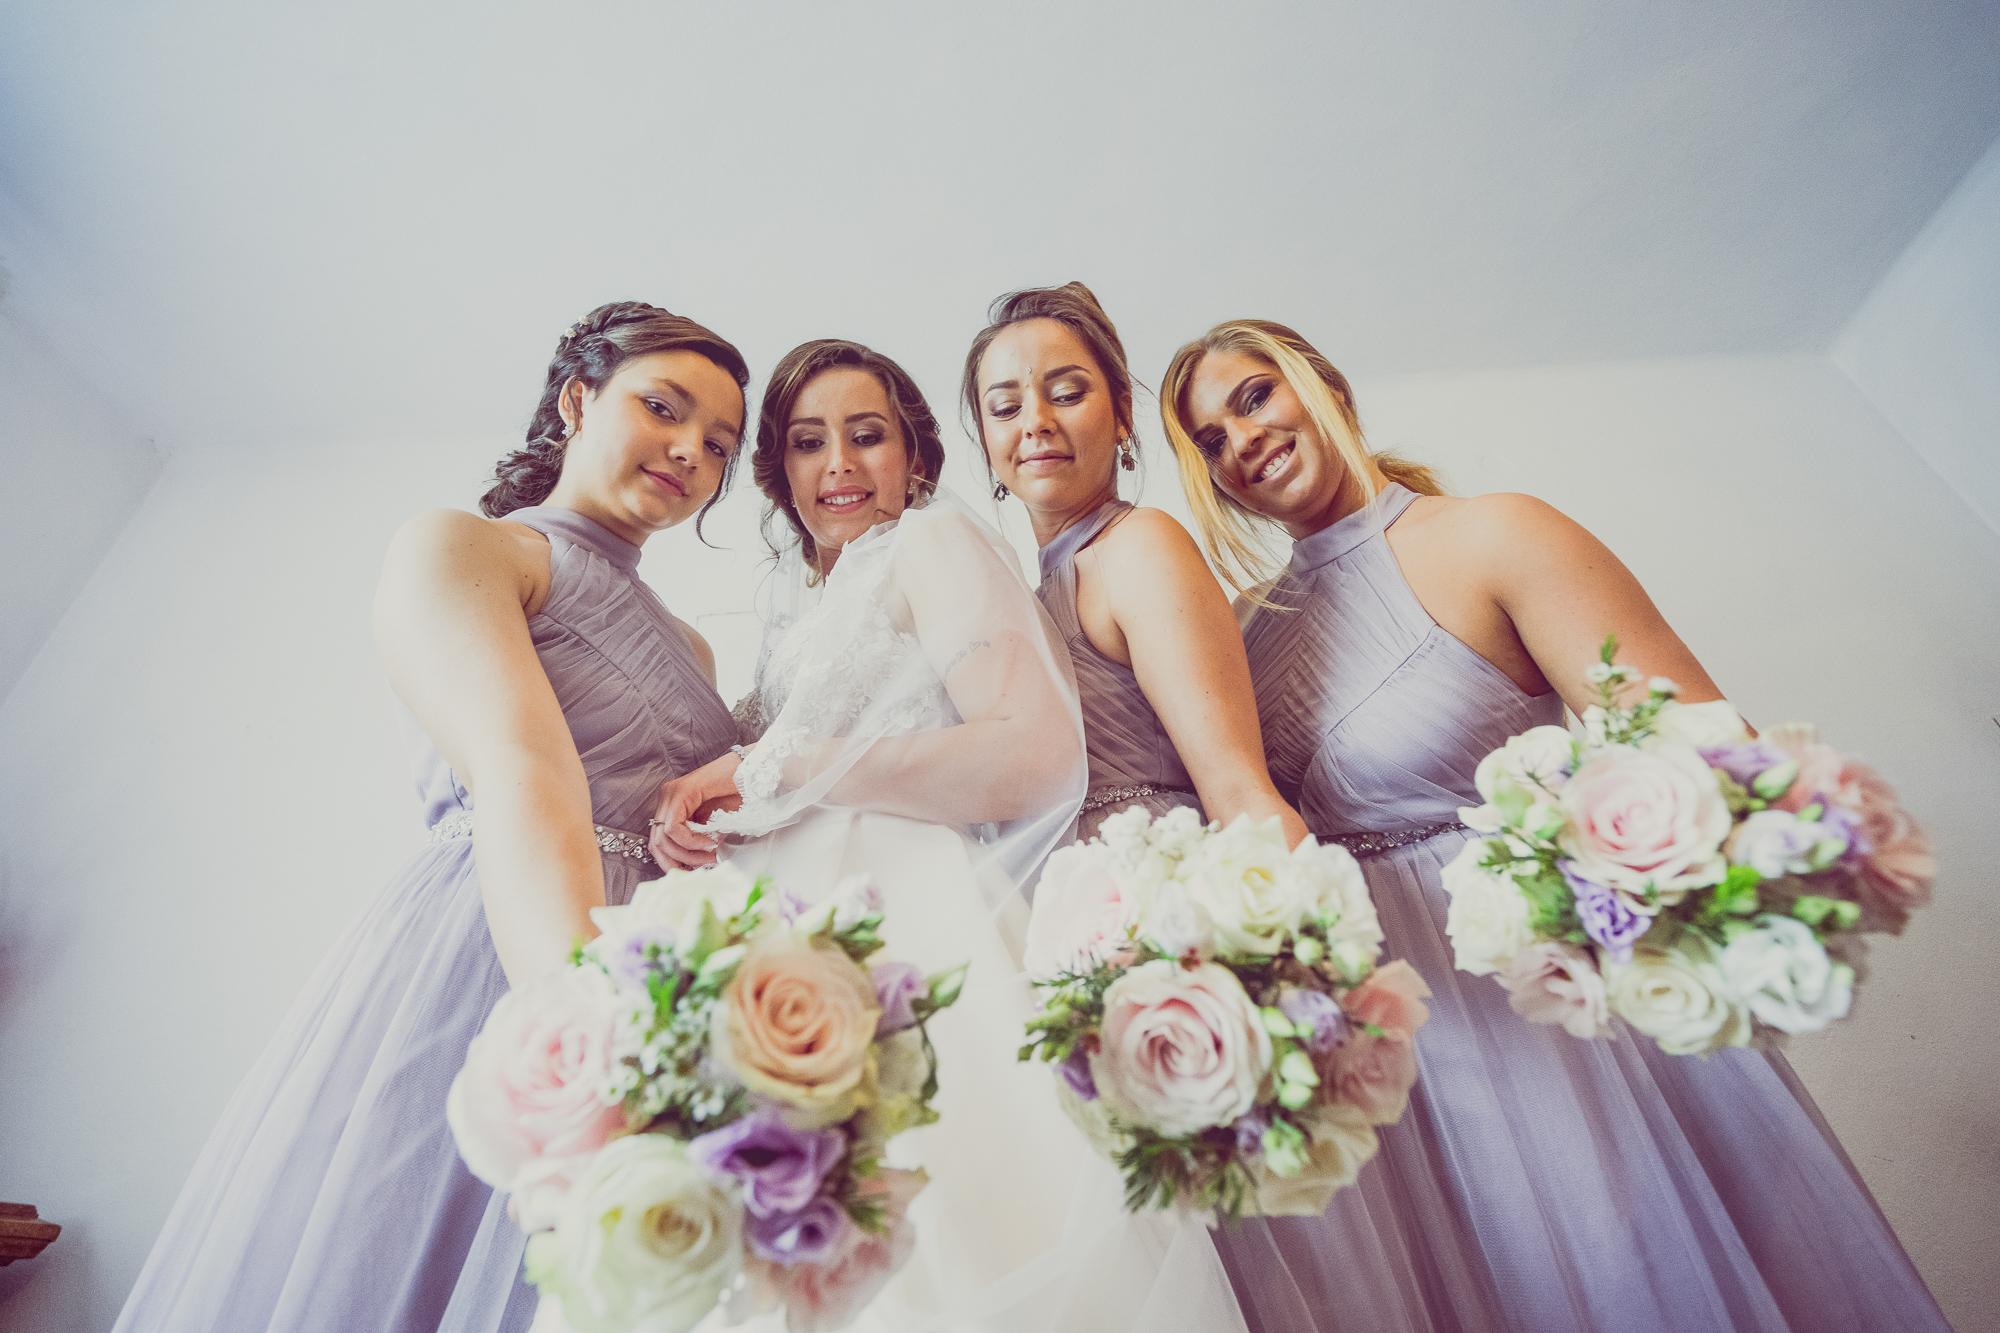 fotografie nunta, pregatirea miresei, miresa si domnisoarele de onoare, domnisoare de onoare cu rochite mov, rochi domnisoare de onoare, rochii versatile domnisoare de onoare, buchet de mireasa, buchet de mireasa in culoare roz pal, mov,